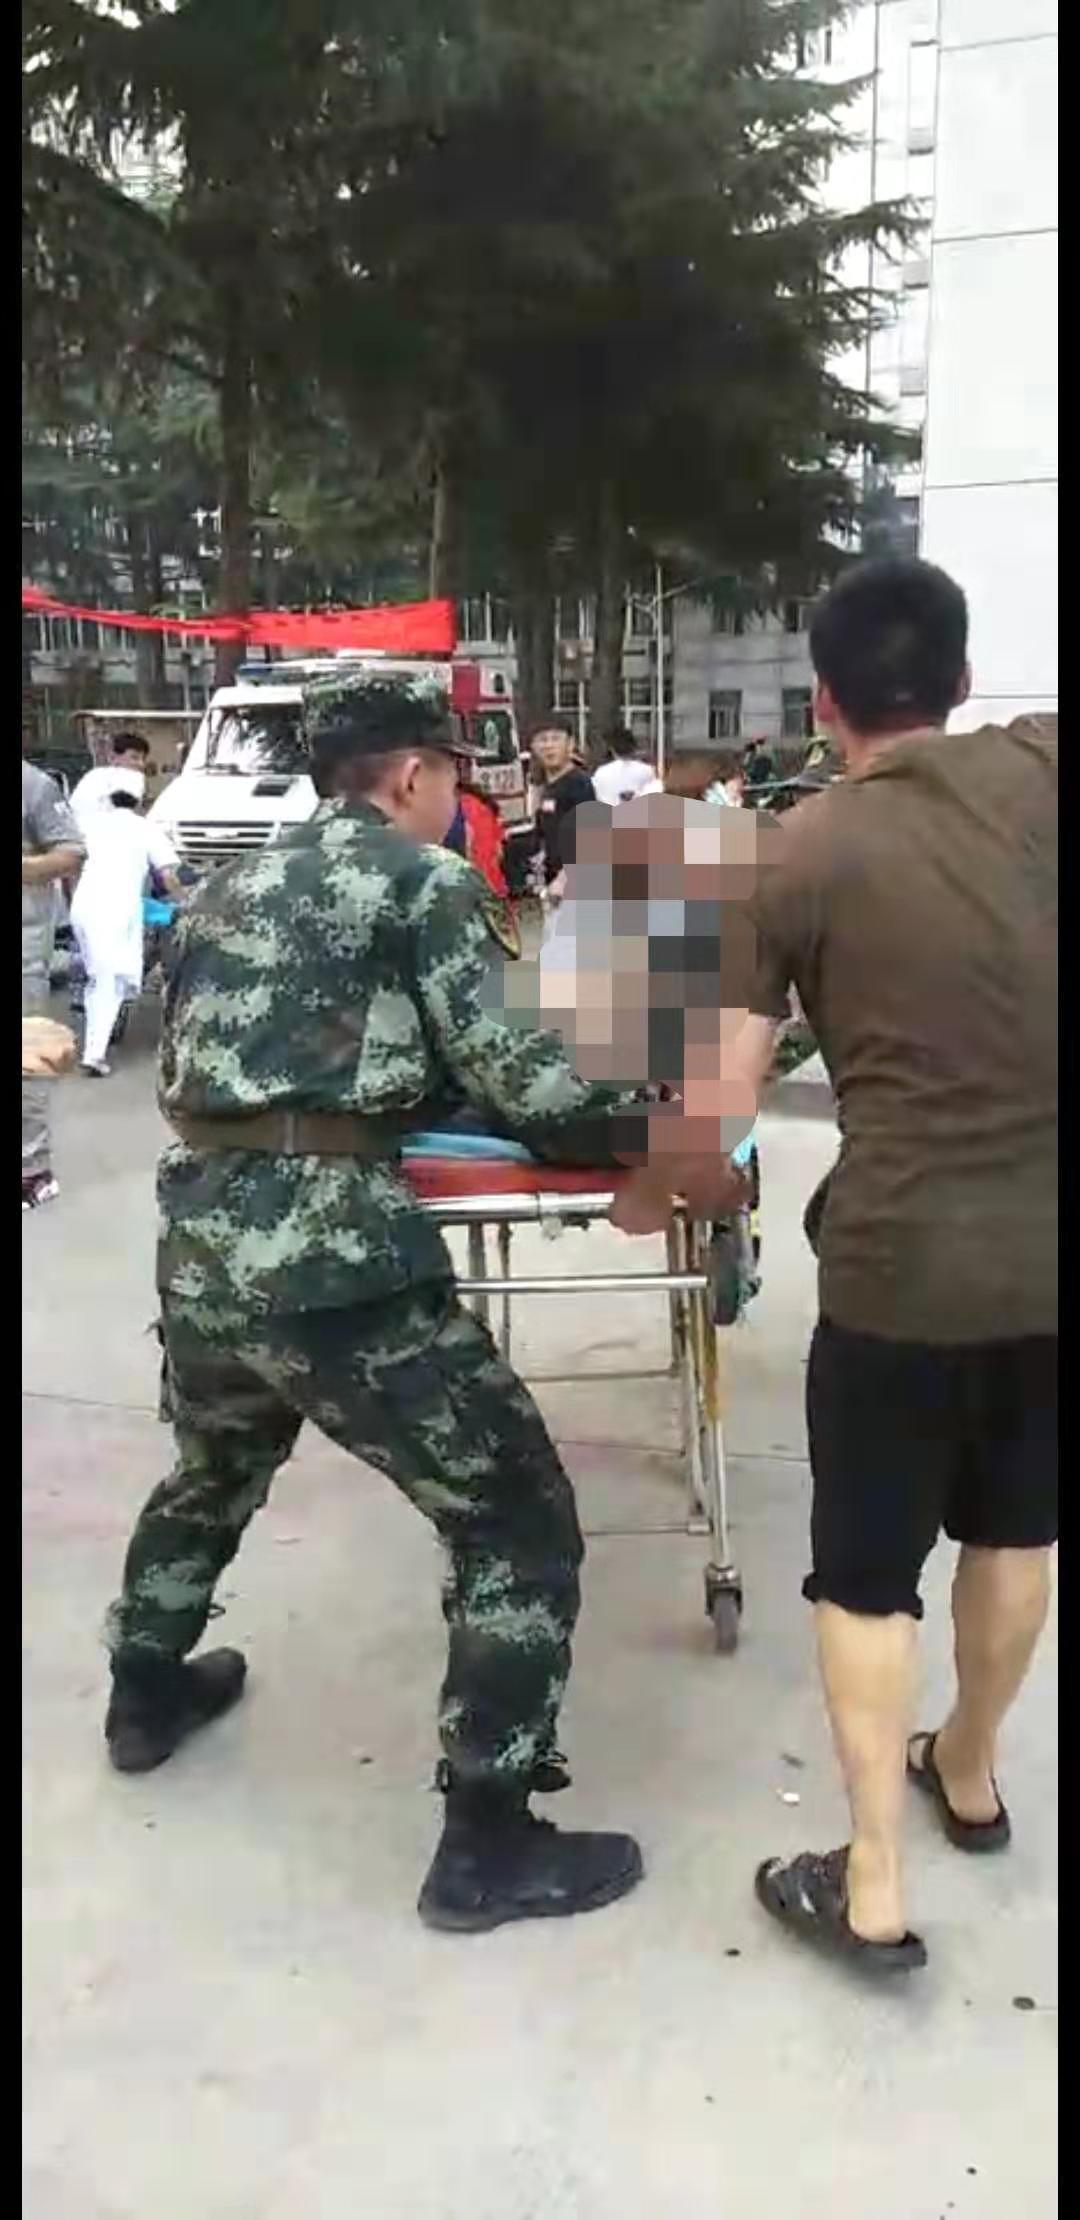 義馬氣化廠爆炸目擊:醫院為傷者清路,居民到空地避險